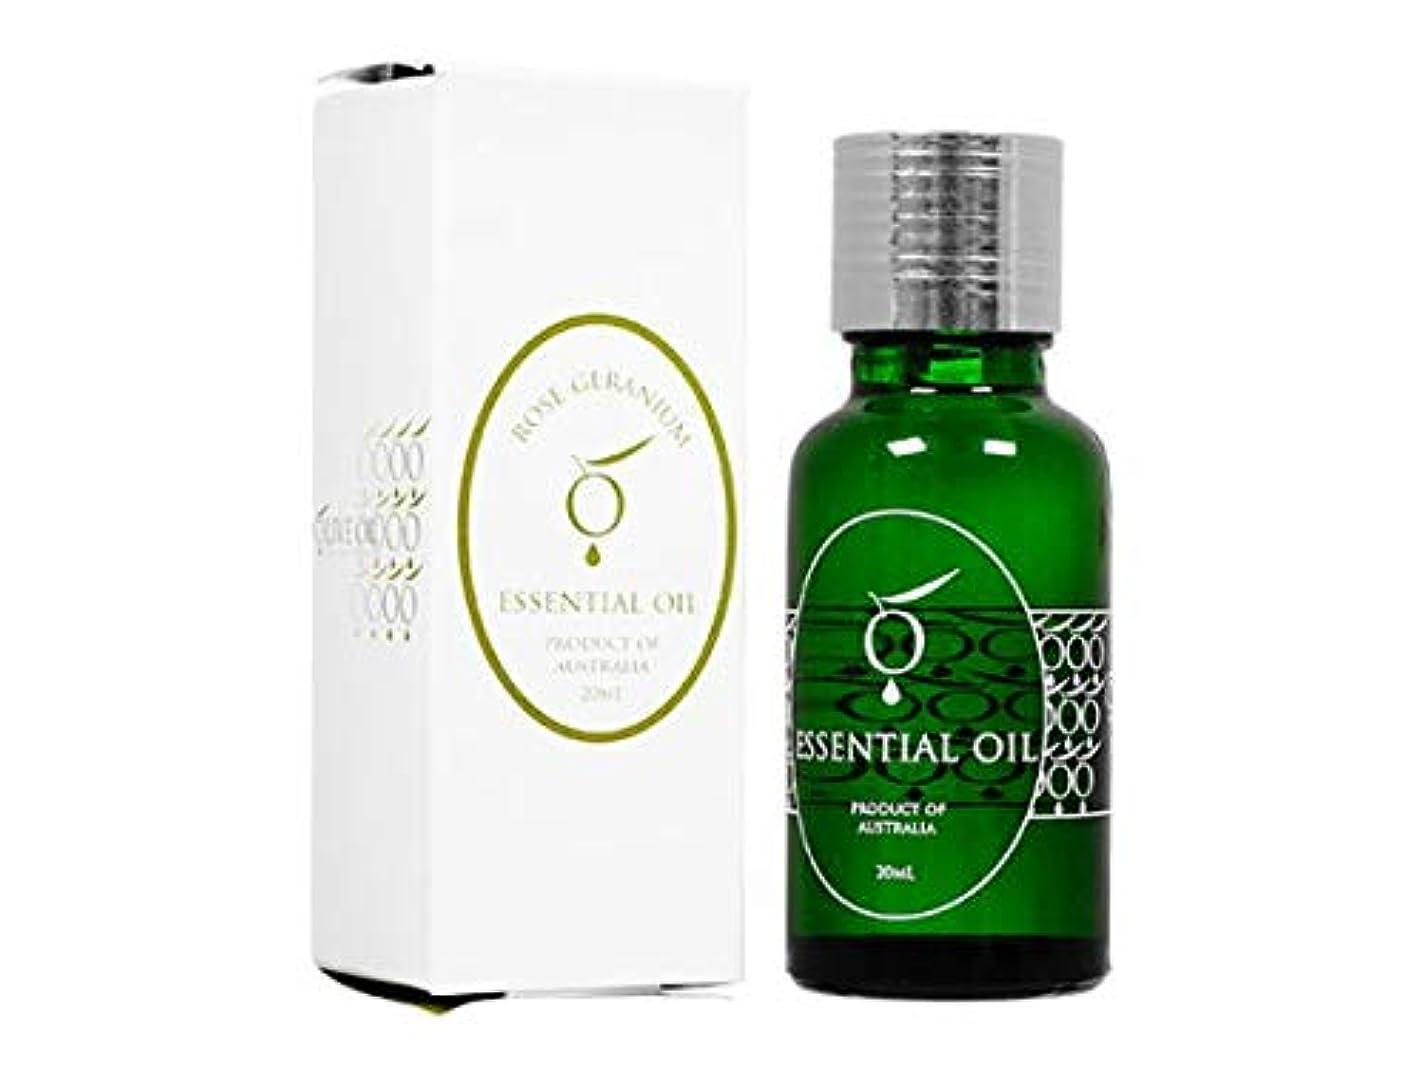 良性クレーン報復OliveOil エッセンシャルオイル・ローズゼラニウム20ml (OliveOil) Essential Oil (Rose Geranium) Made in Australia